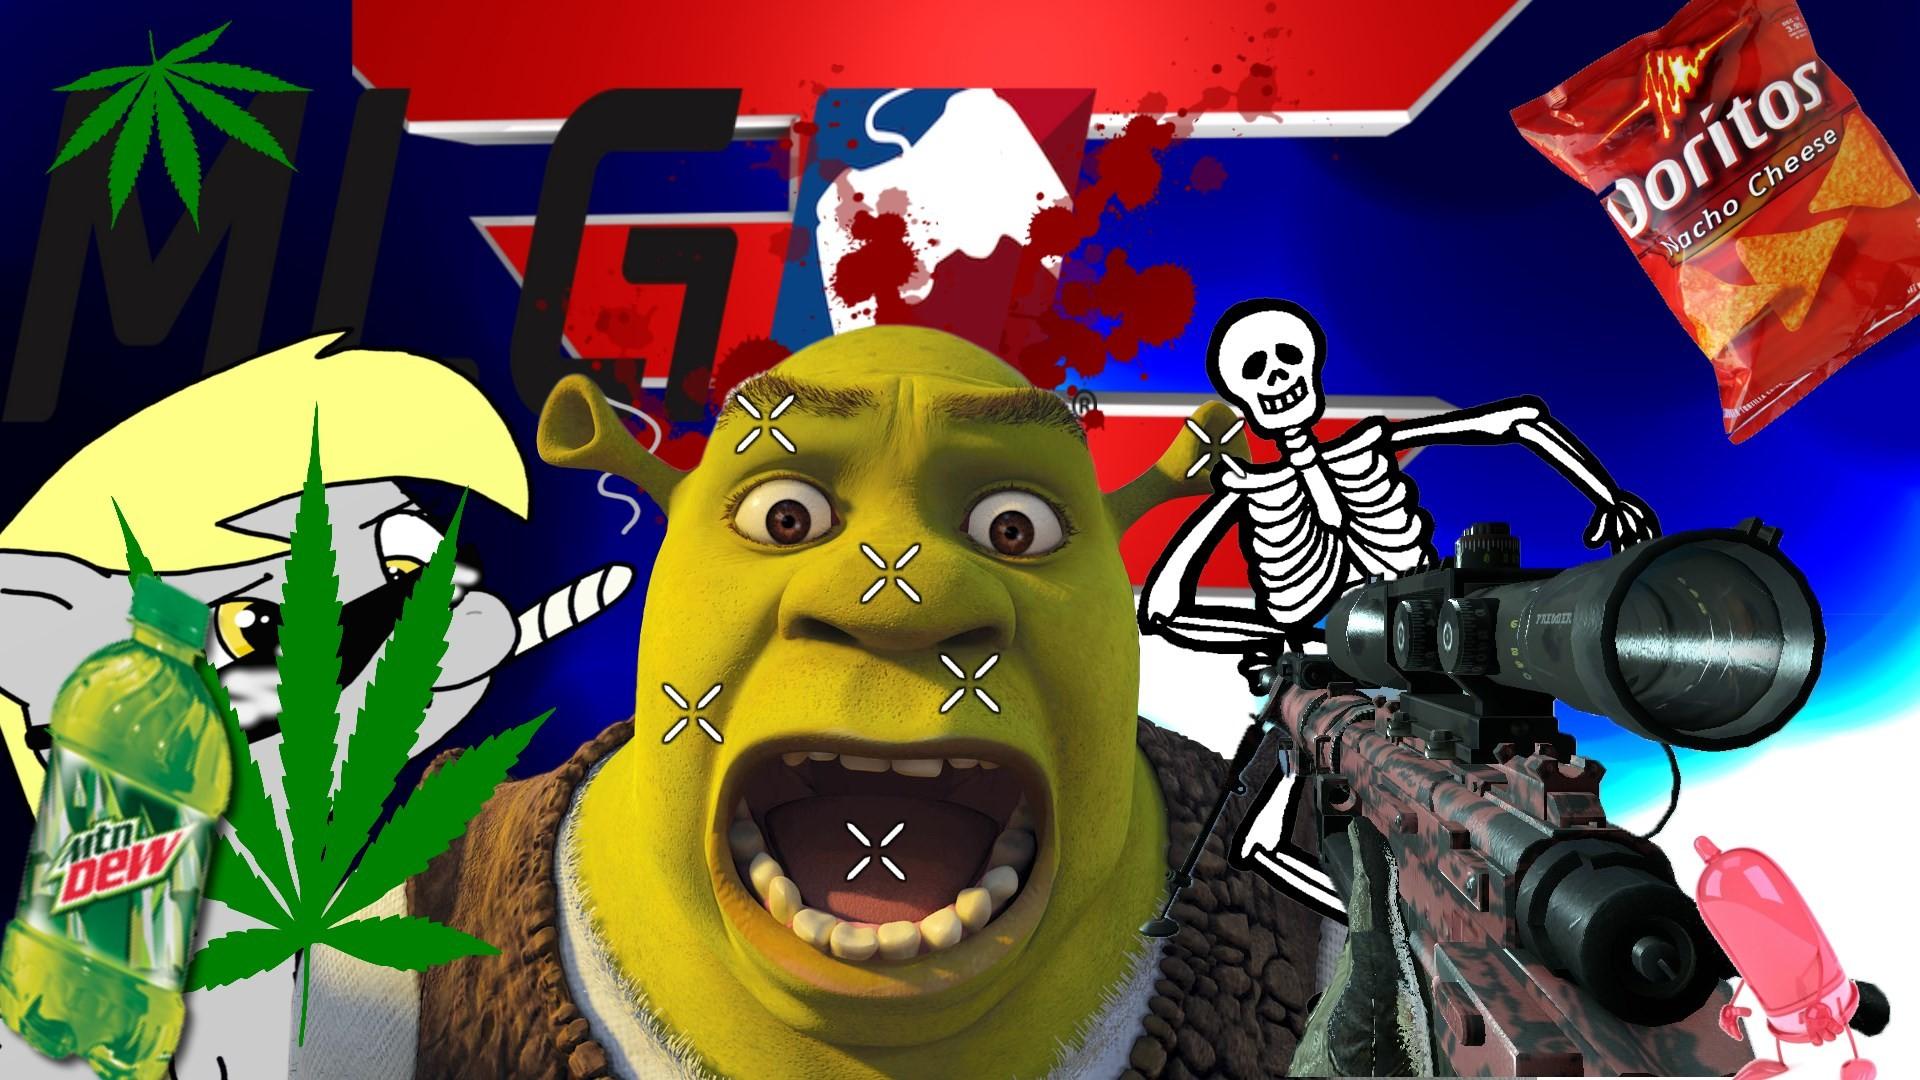 mlg wallpaper meme